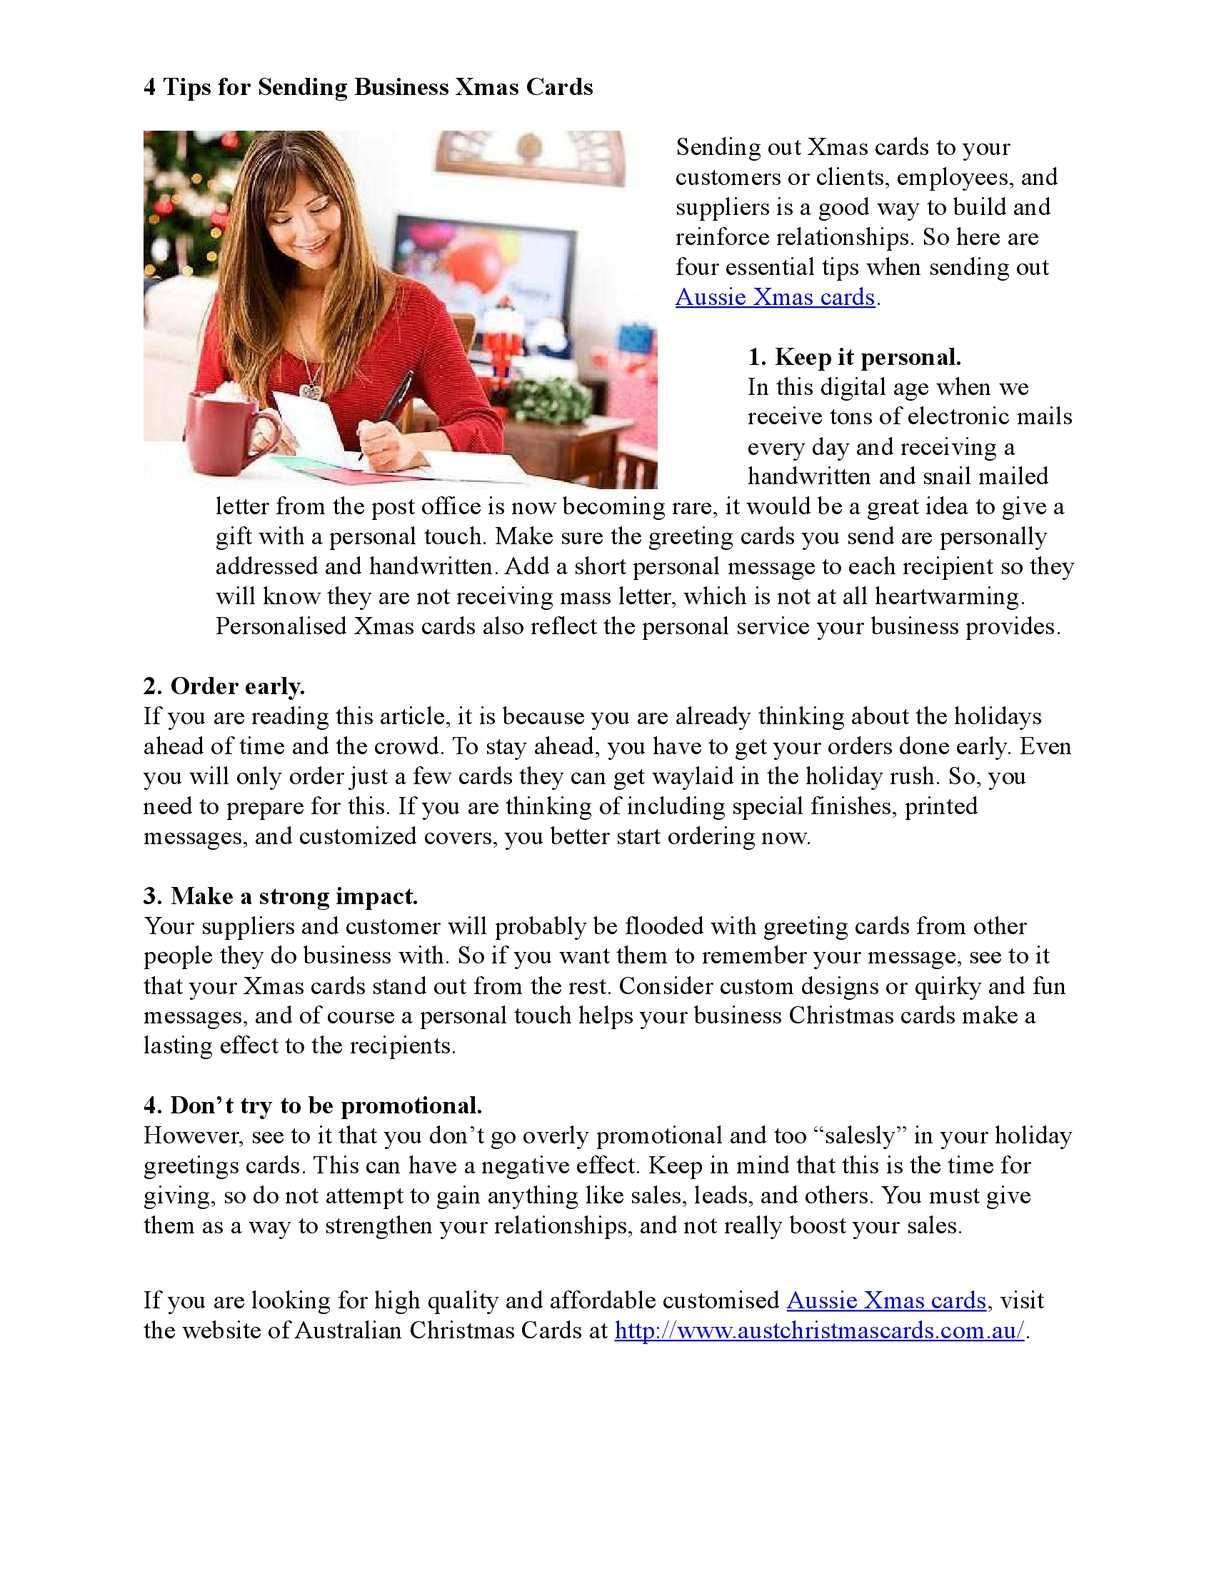 Calamo 4 Tips For Sending Business Xmas Cards